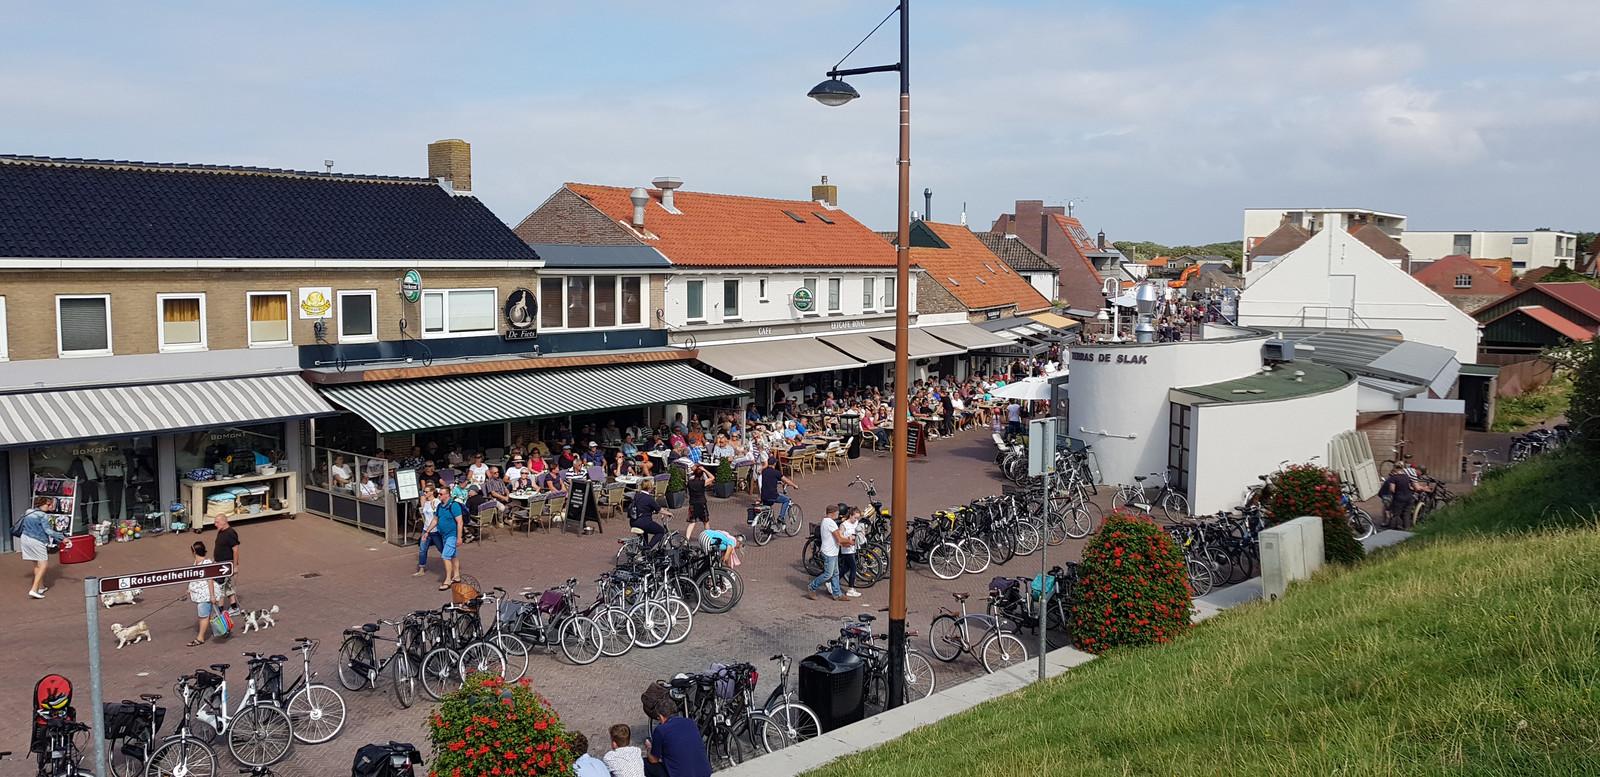 Volle terrassen in de Langstraat in Zoutelande.